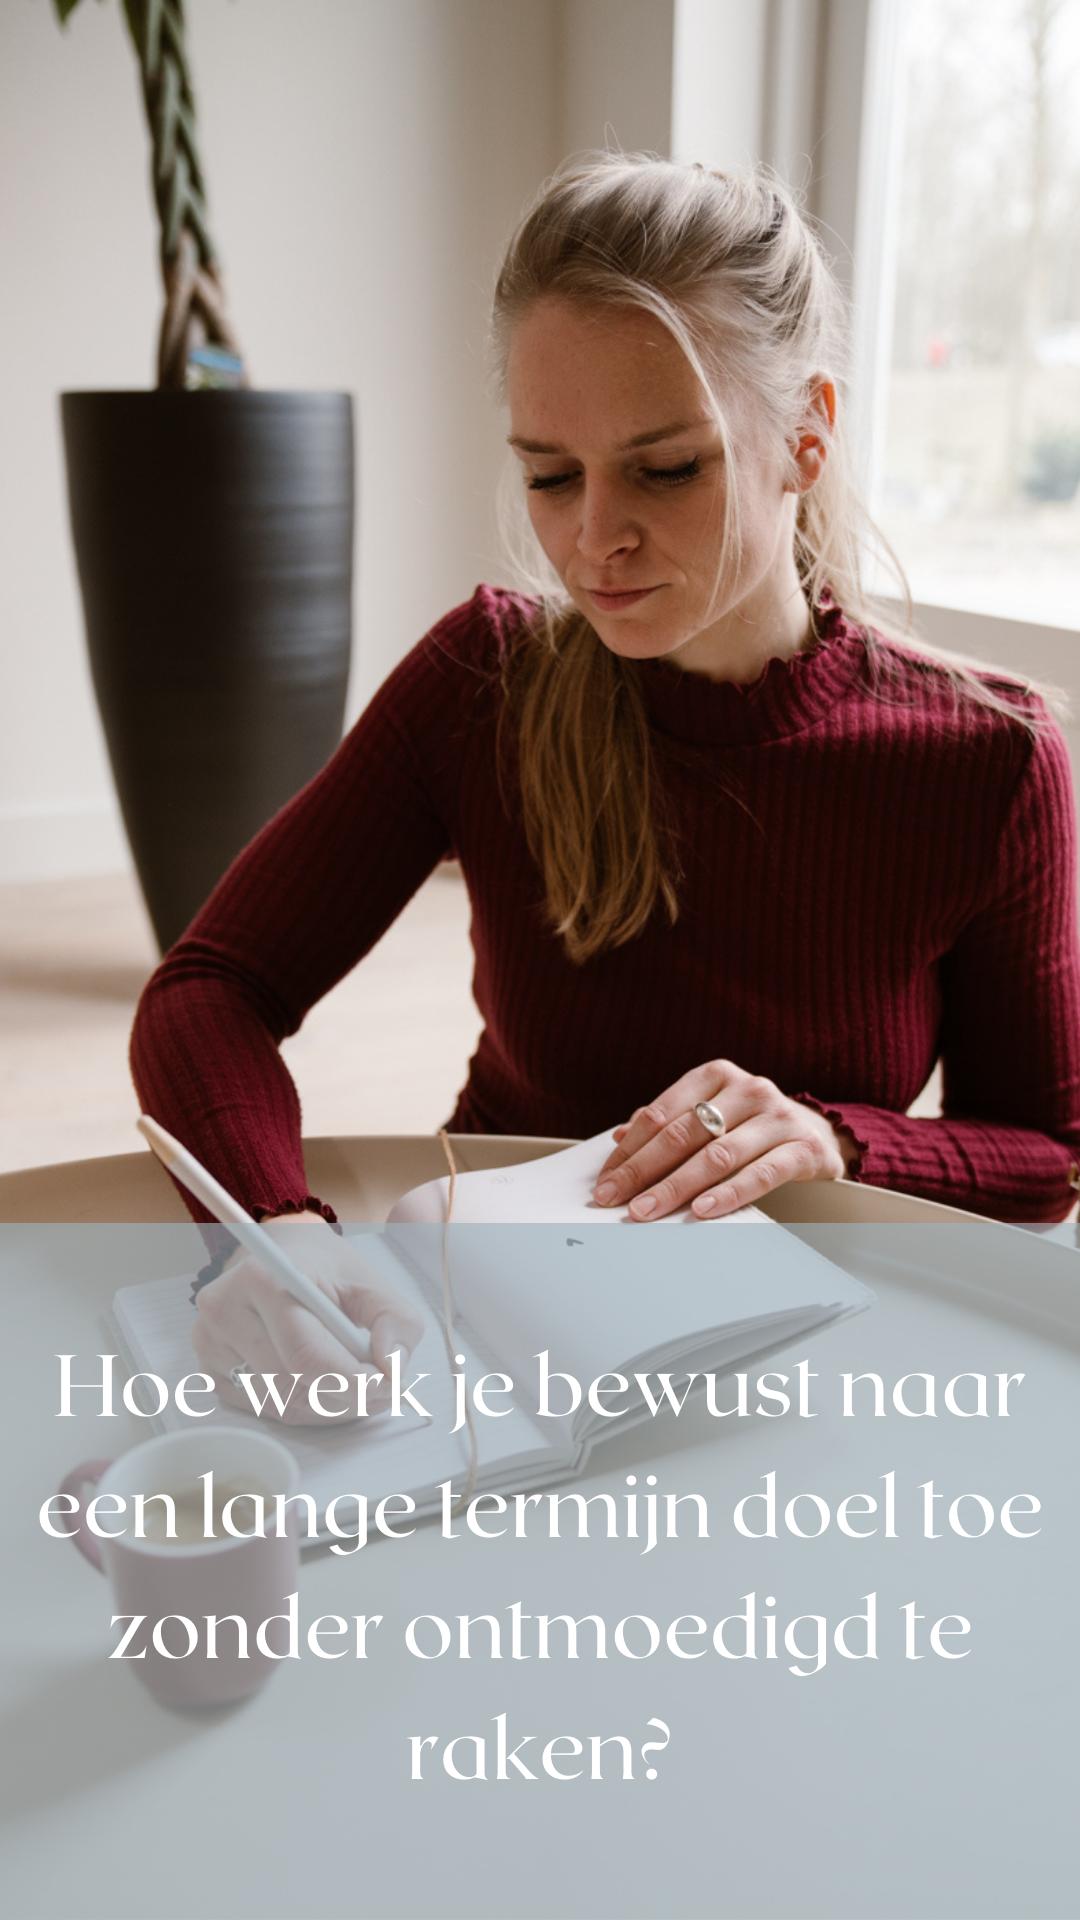 Hoe werk je bewust naar een lange termijn doel toe zonder ontmoedigd te raken?